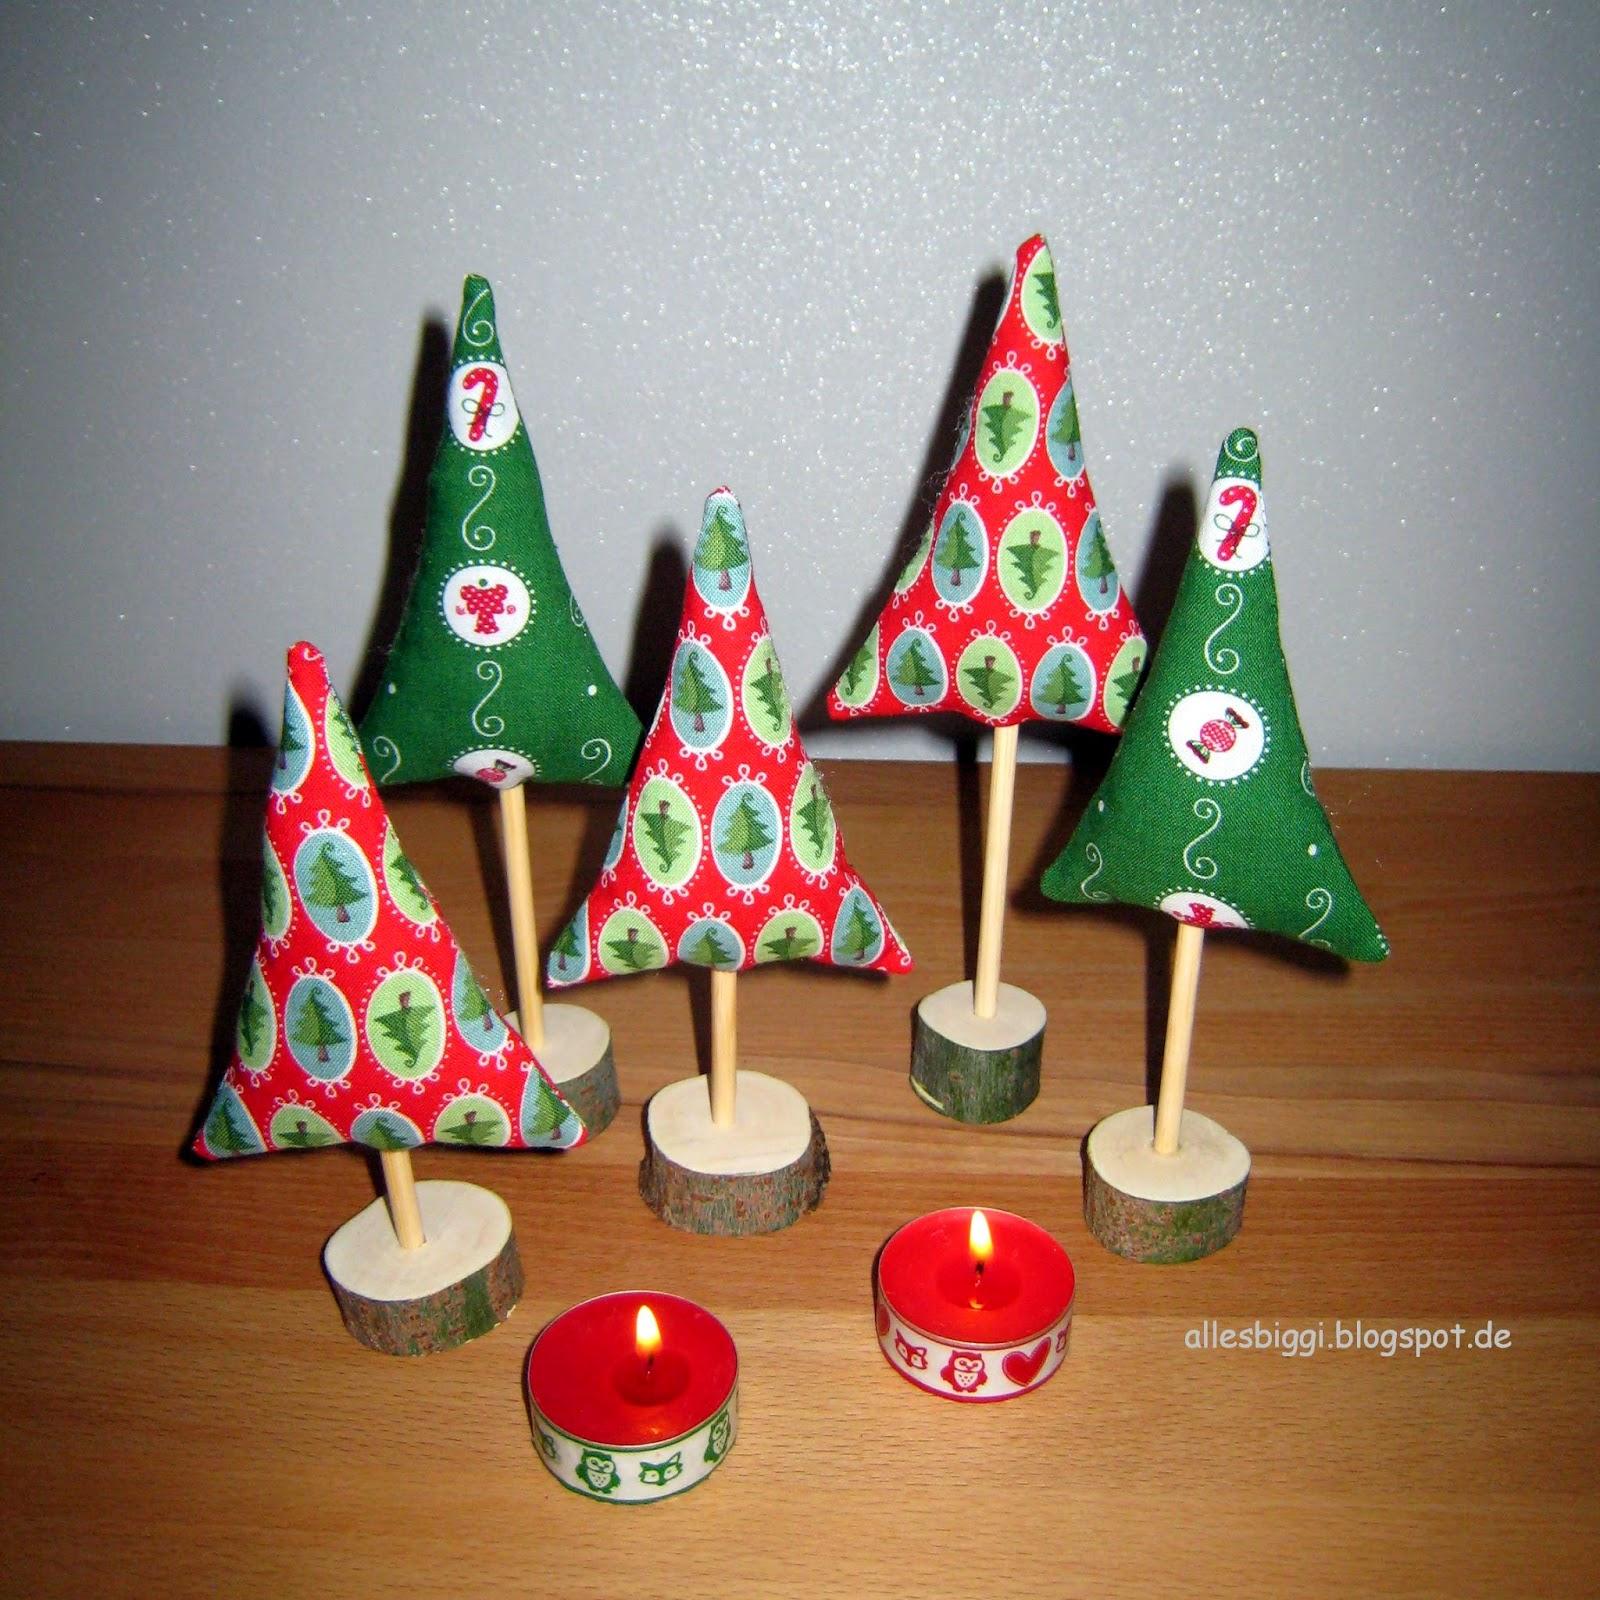 http://allesbiggi.blogspot.de/2014/11/mein-100-post-weihnachtsbaumchen.html